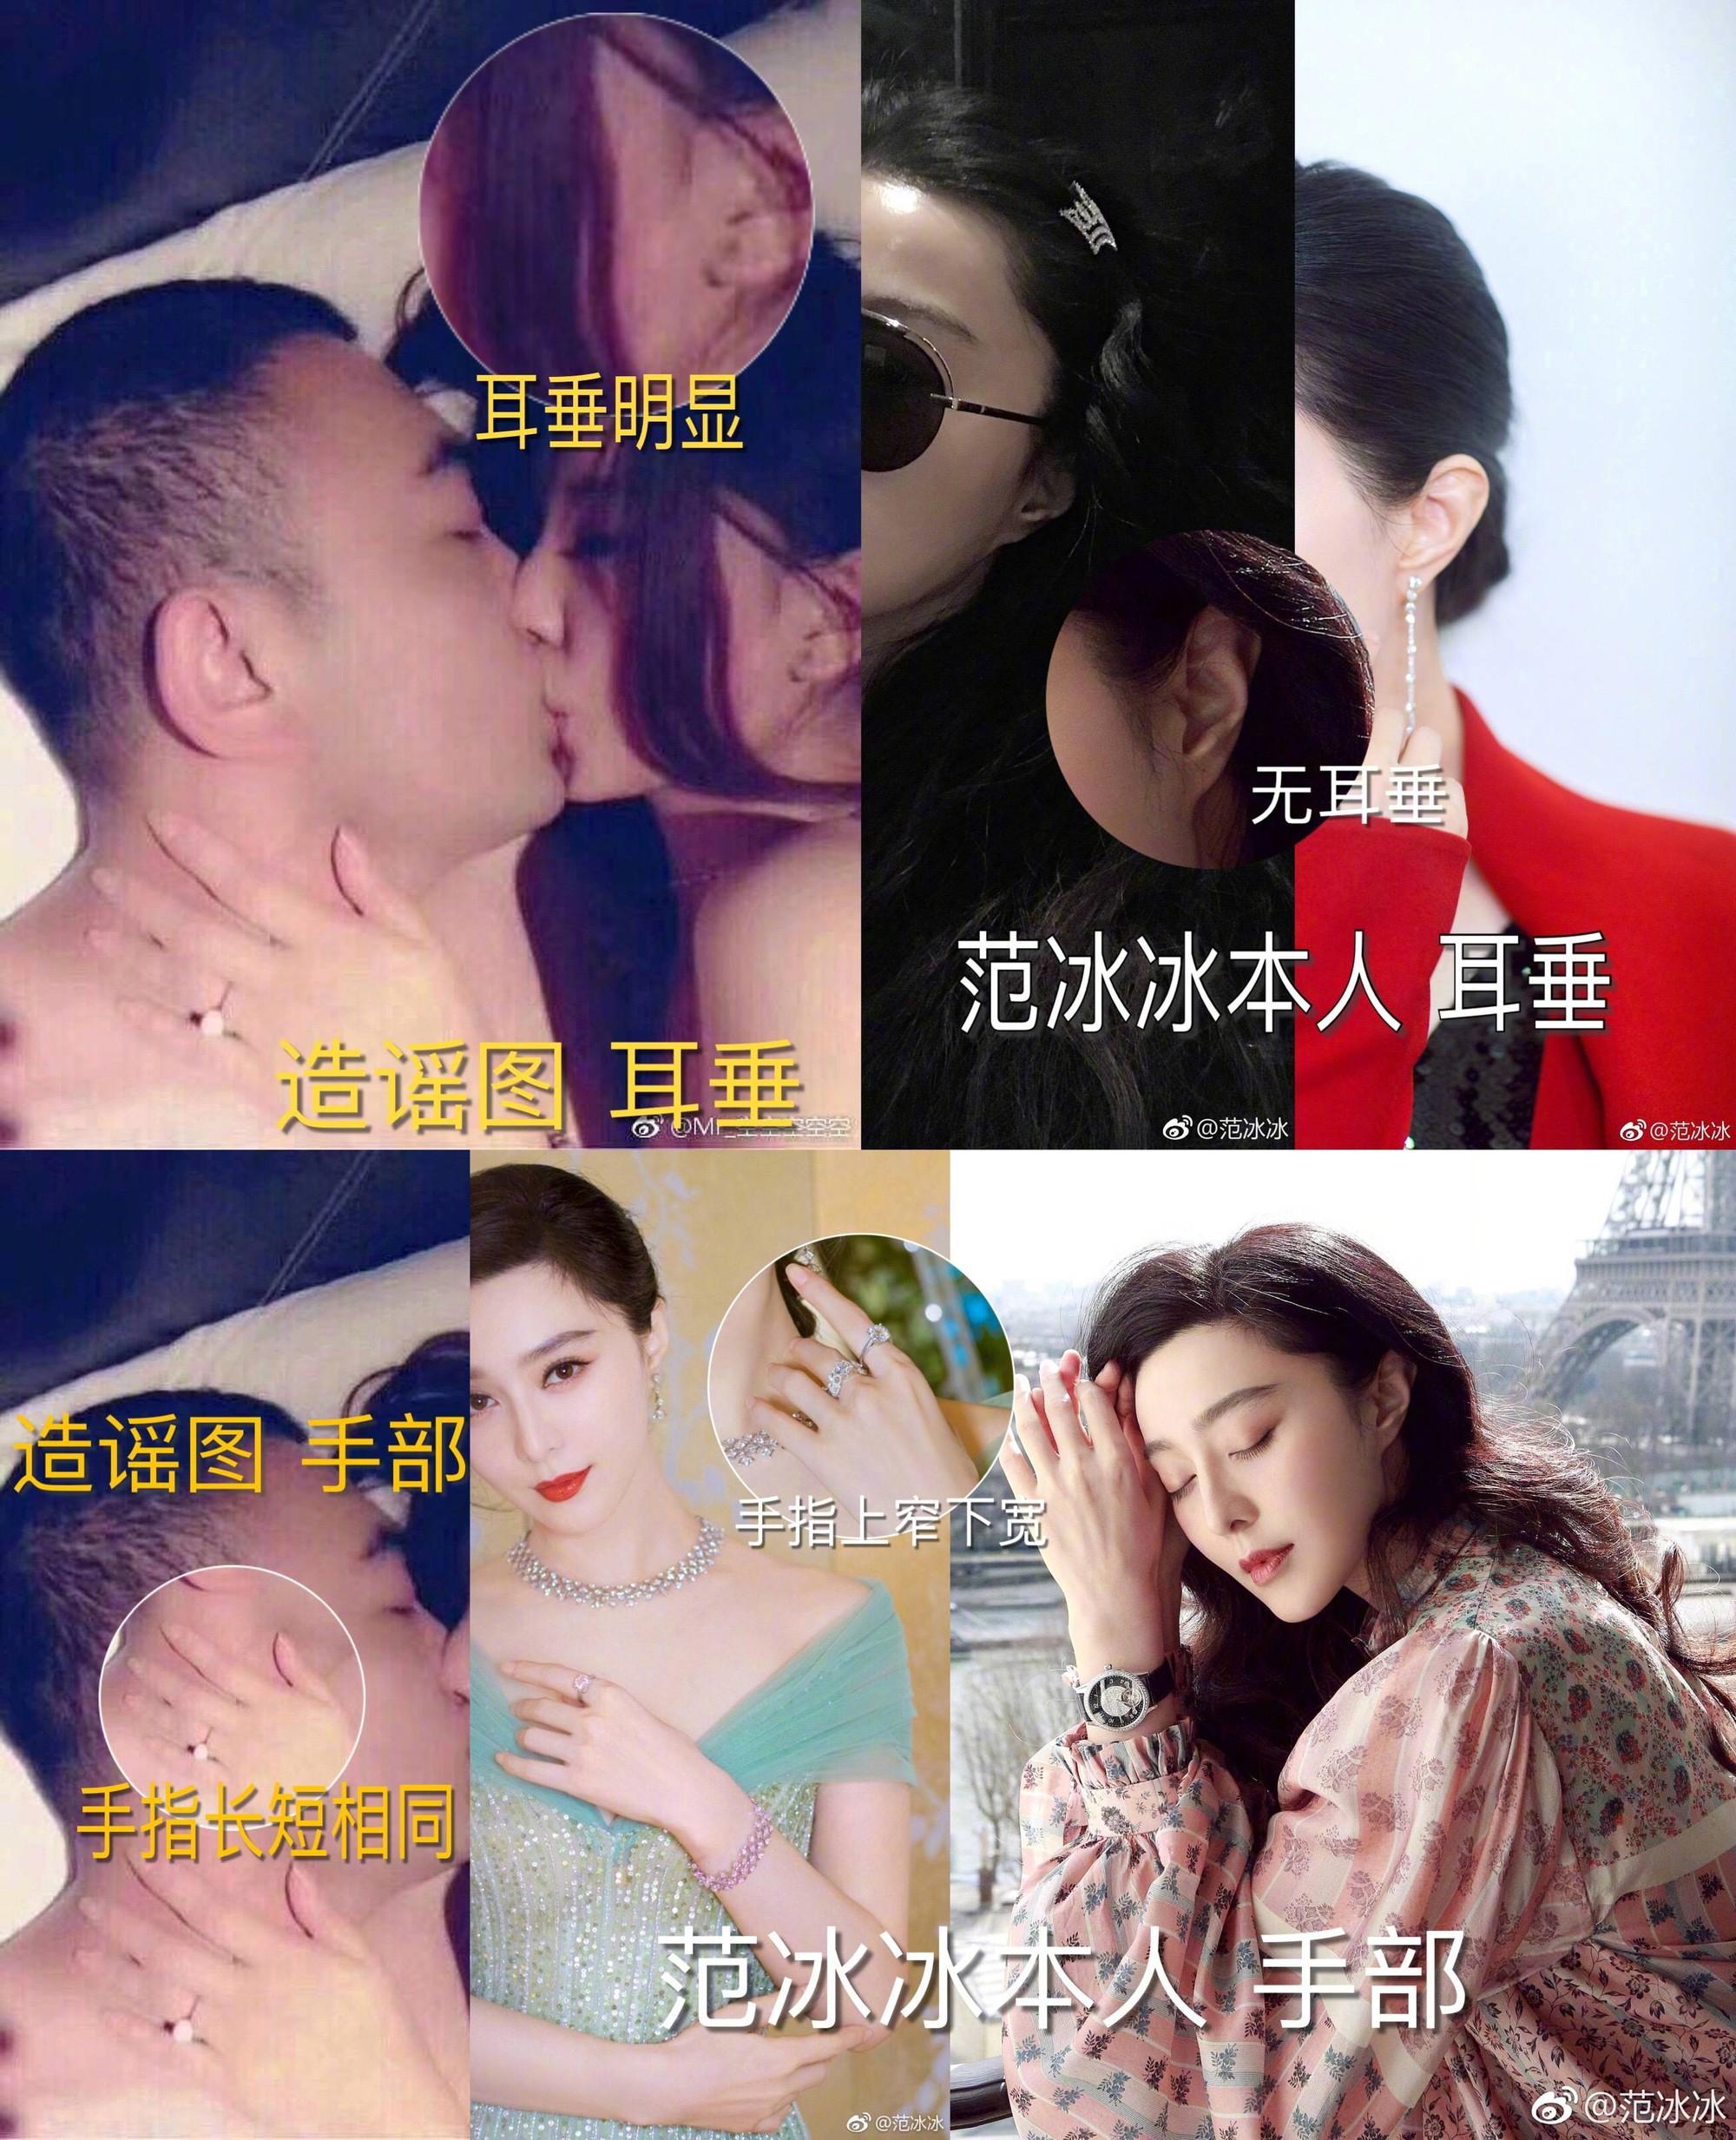 Sốc với nghi vấn Phạm Băng Băng lộ ảnh khoả thân, ôm hôn đắm đuối người đàn ông lạ mặt - Ảnh 3.